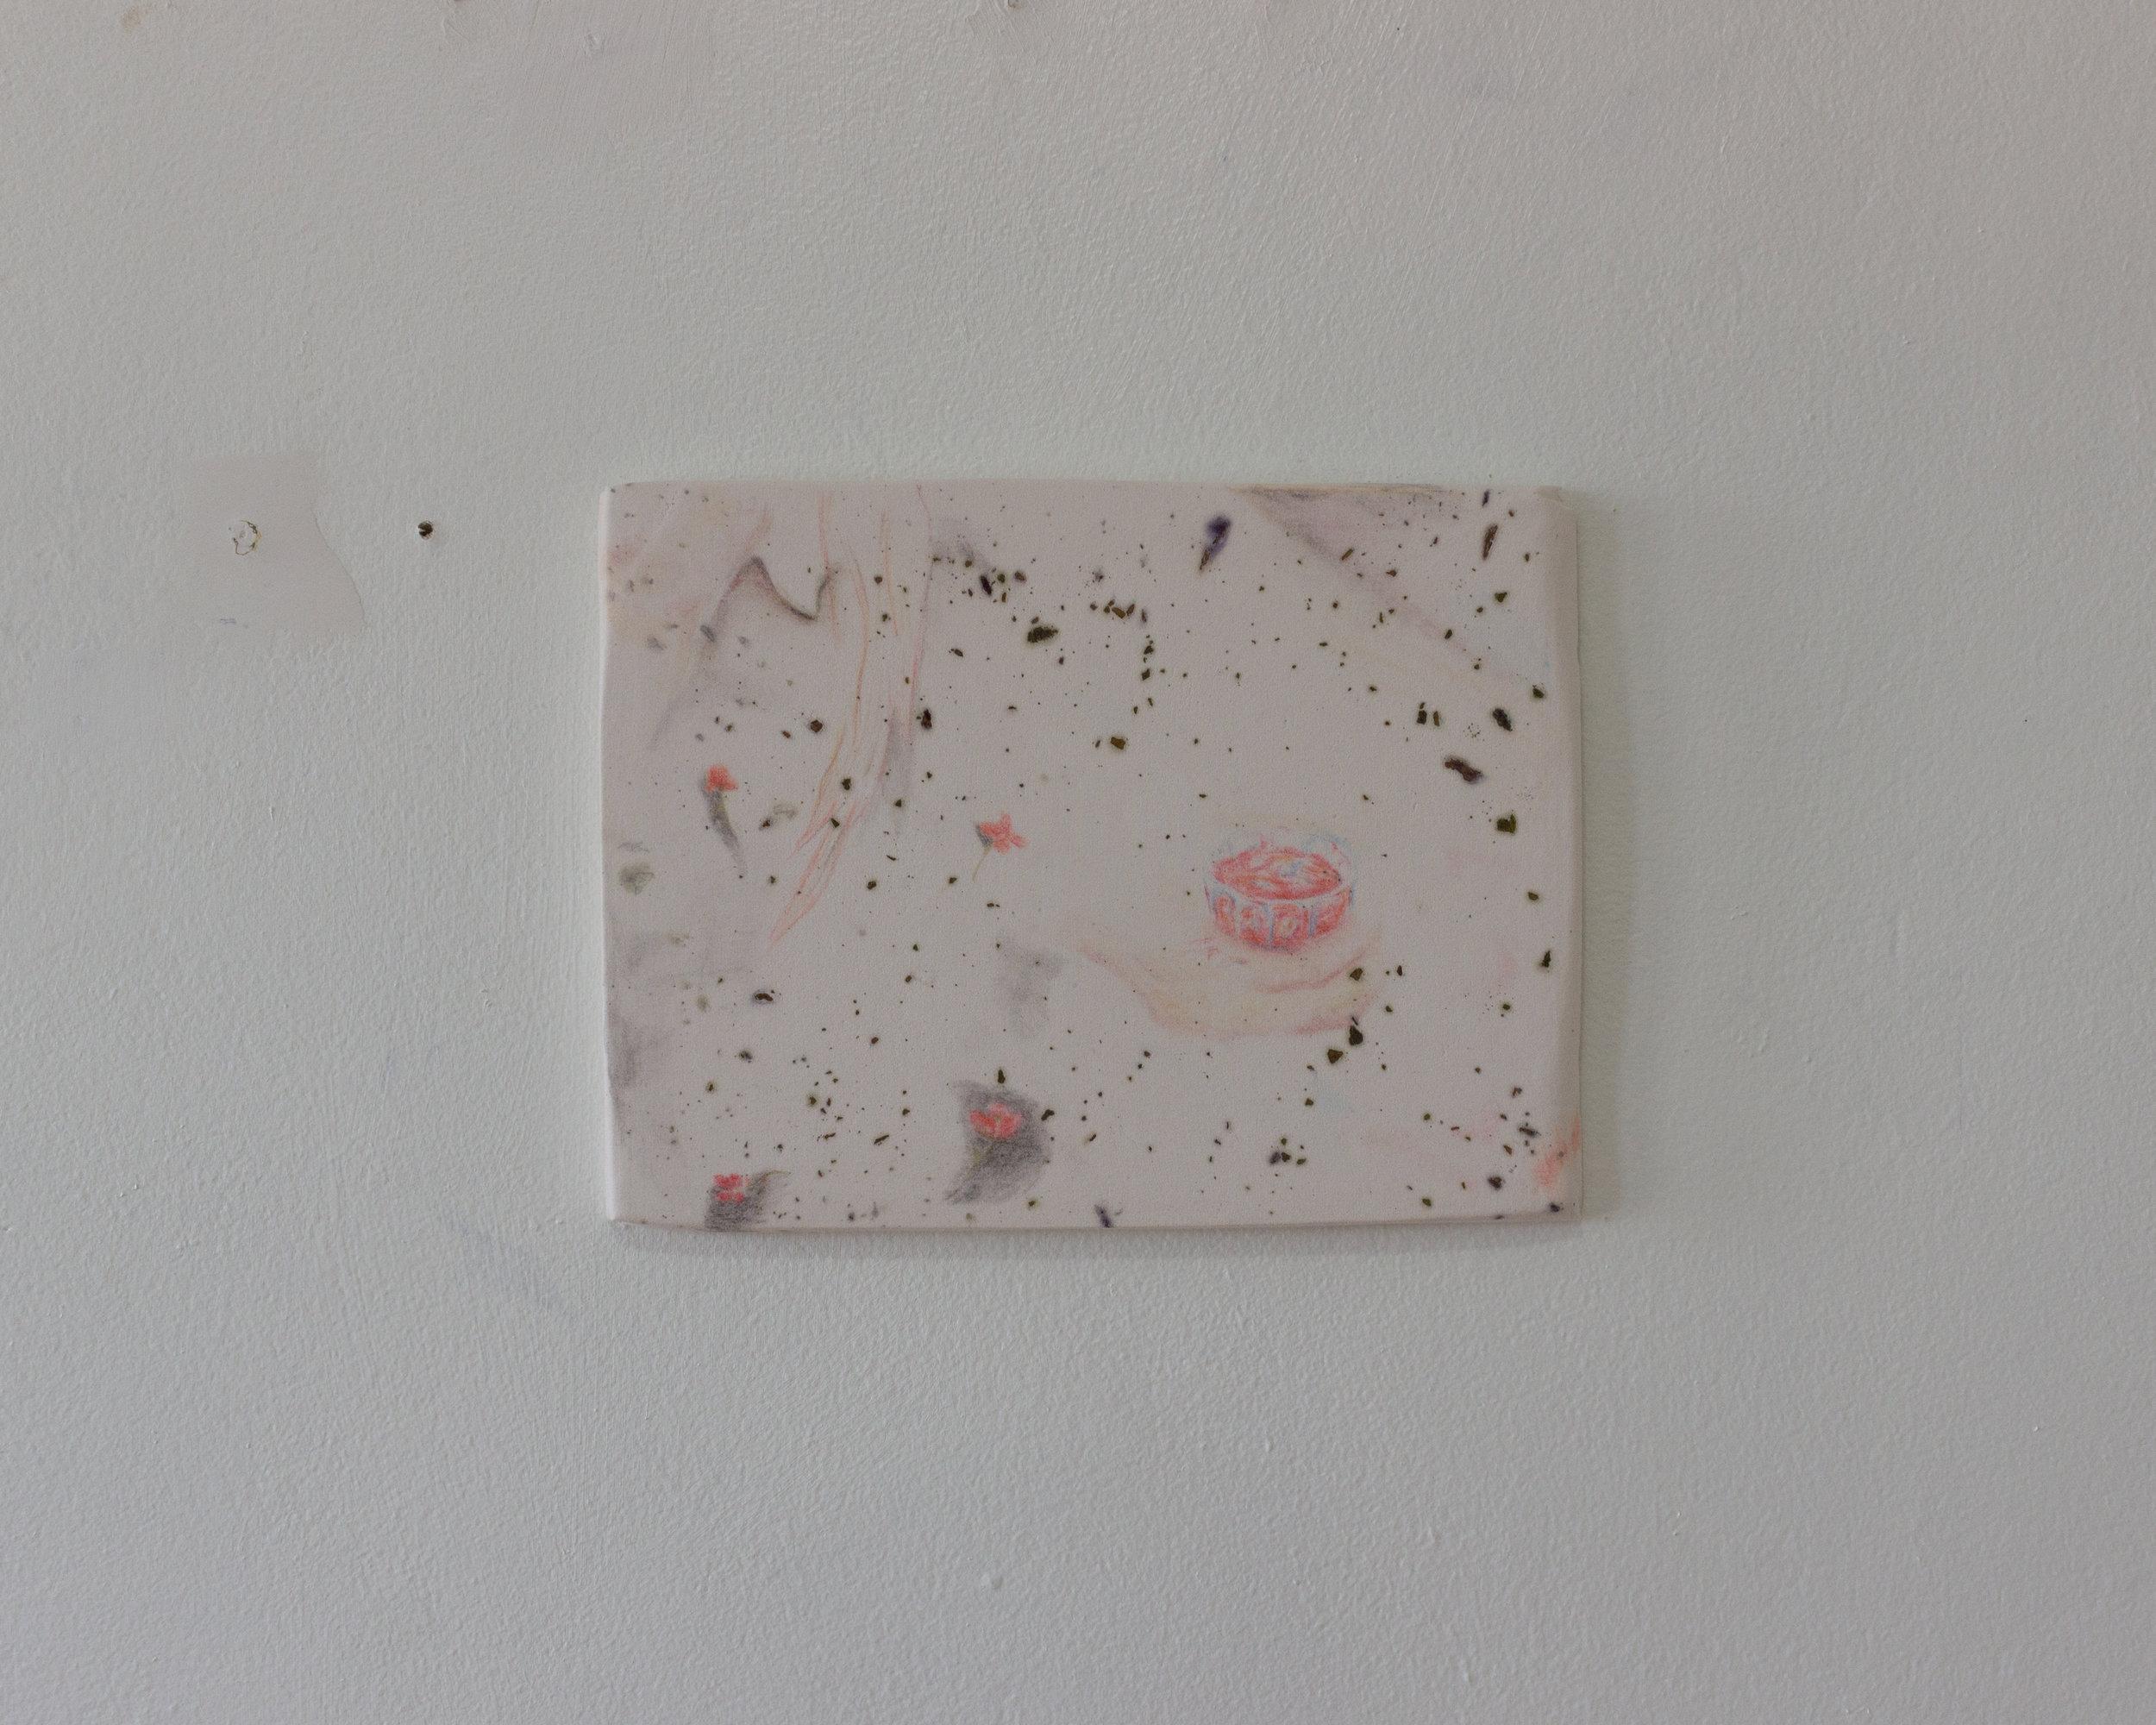 Alejandro Jiménez-Flores,  una noche maravillosa —a fantastic night , 2019, soft-pastels, flower petals, and plaster, 8 x 10.5 in.